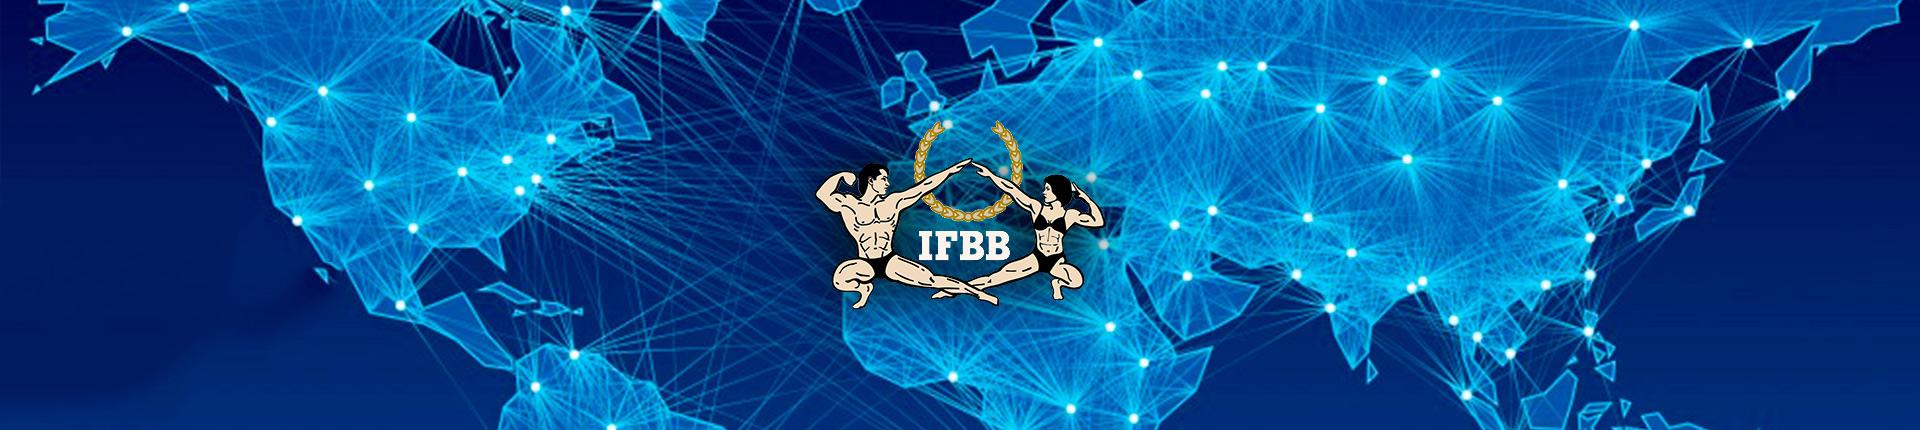 Diamond Cup IFBB - Luksemburg 2019